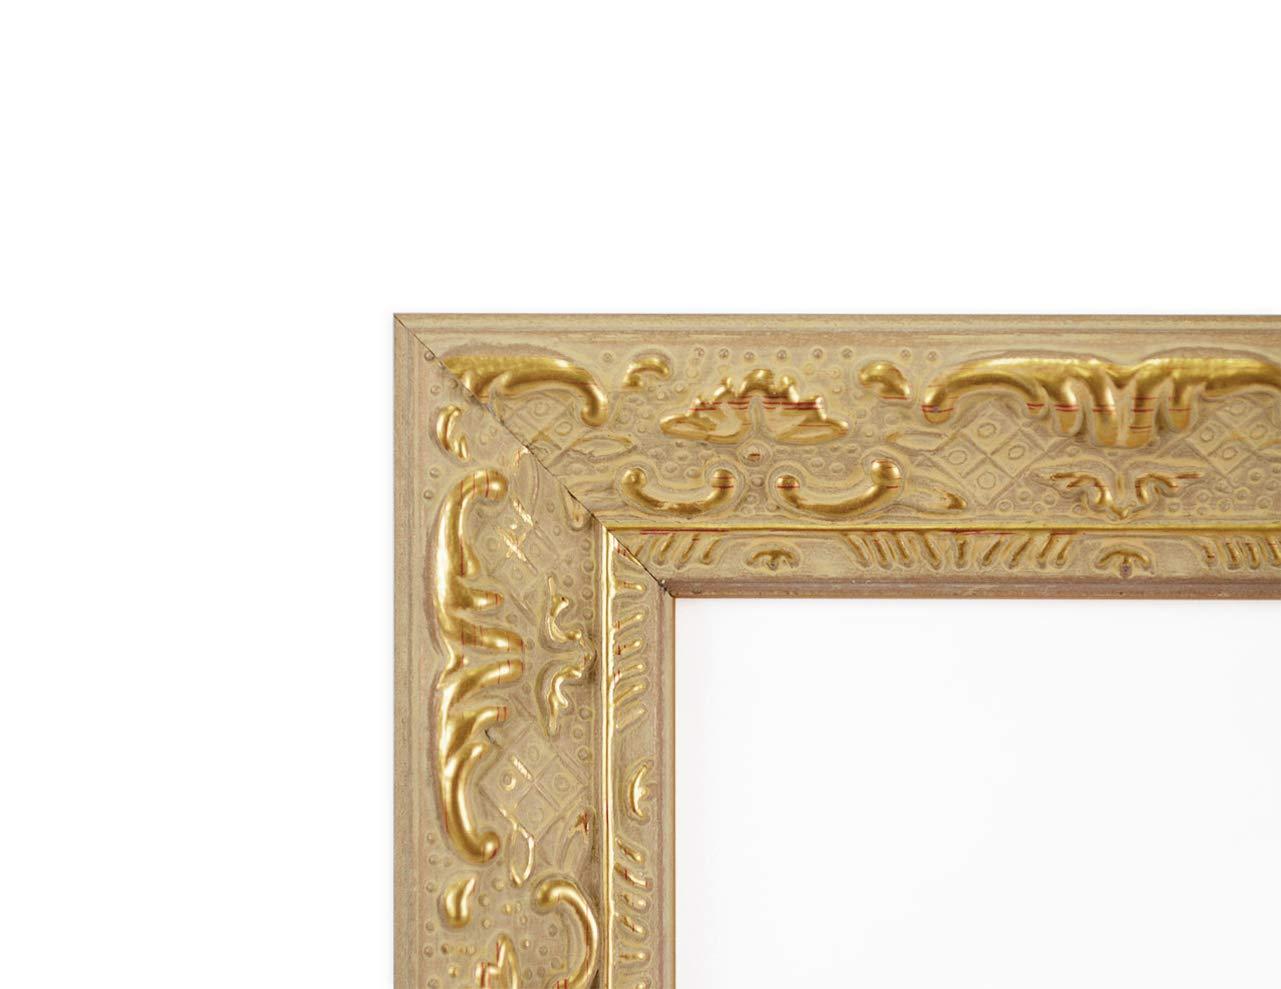 Amazon.de: Golden State Art 8 x 10 Rahmen für zwei 4 x 6 Foto ...